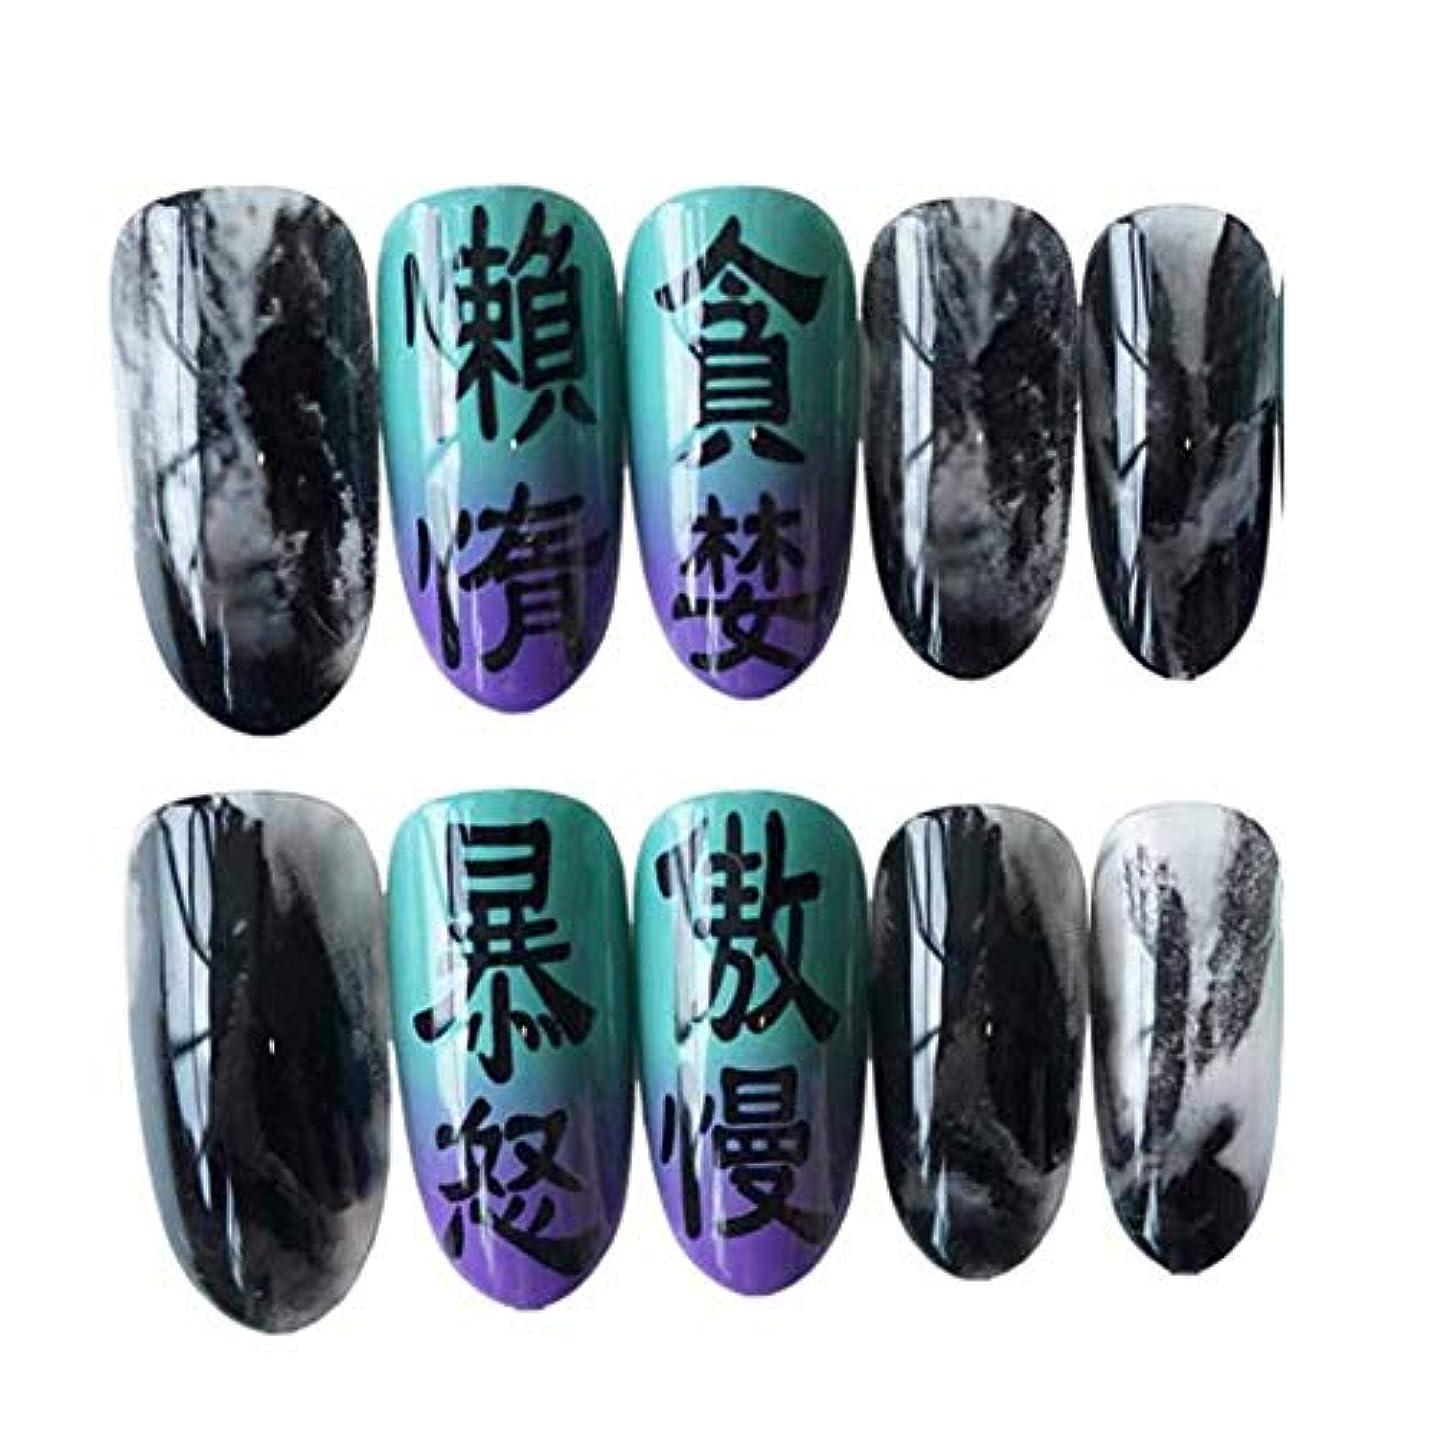 食事を調理する農業消毒剤嫉妬 - 紫/黒のシャープな偽の指爪人工的な偽の爪のヒント暗い